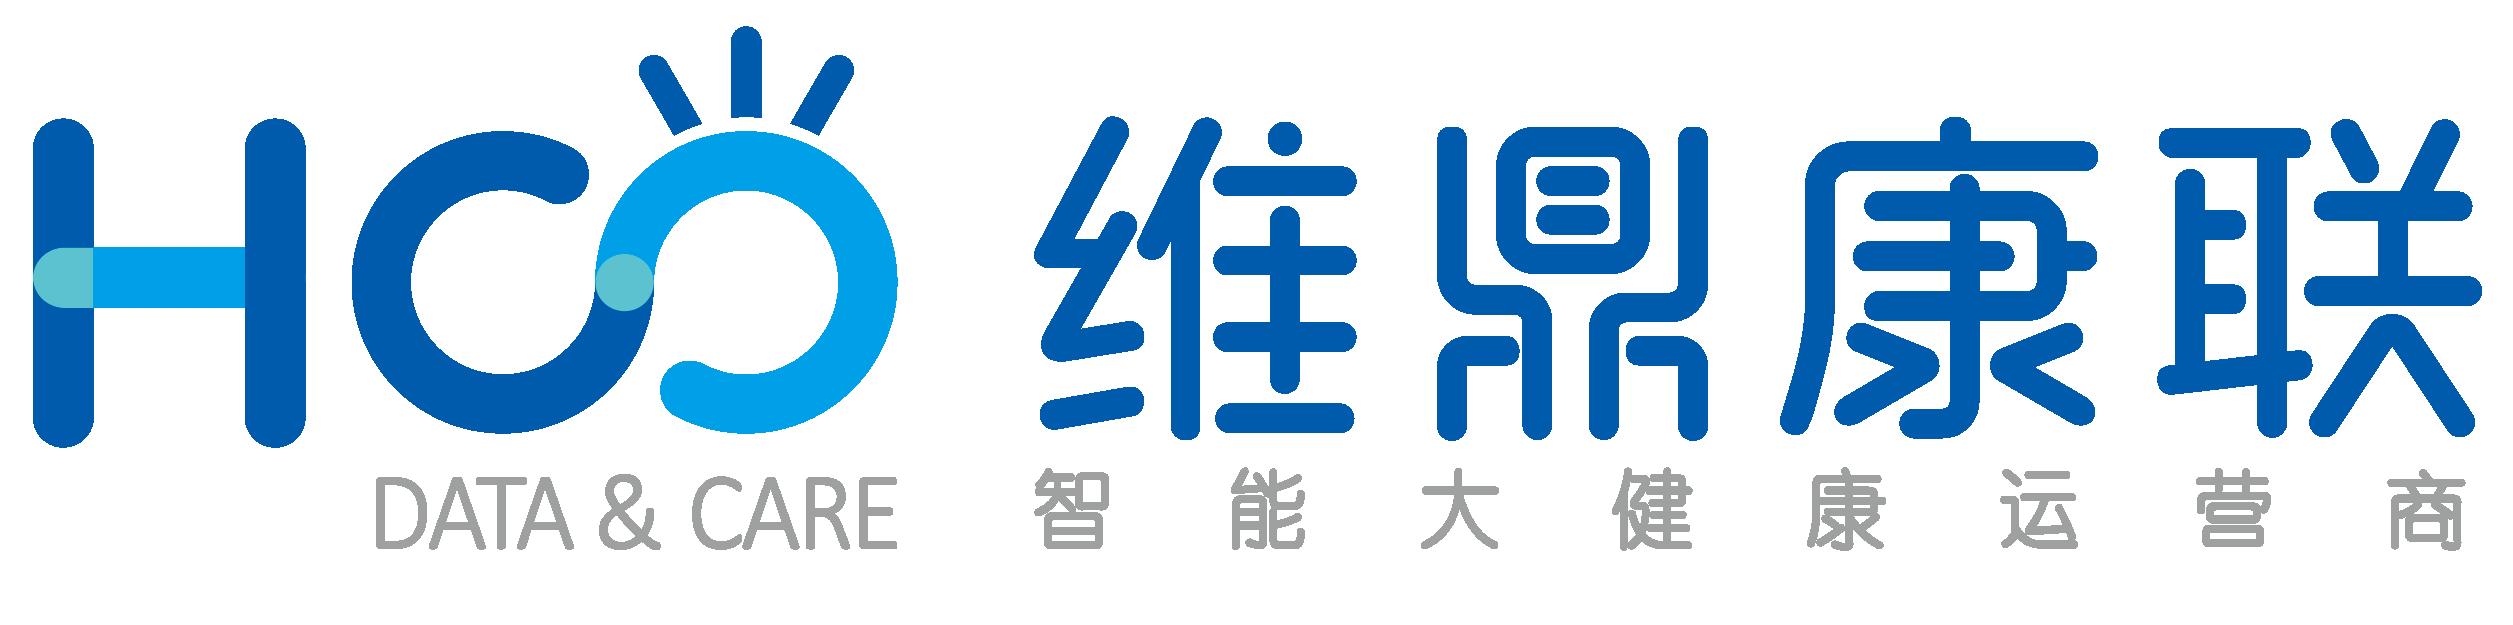 深圳市维鼎康联信息技术有限公司